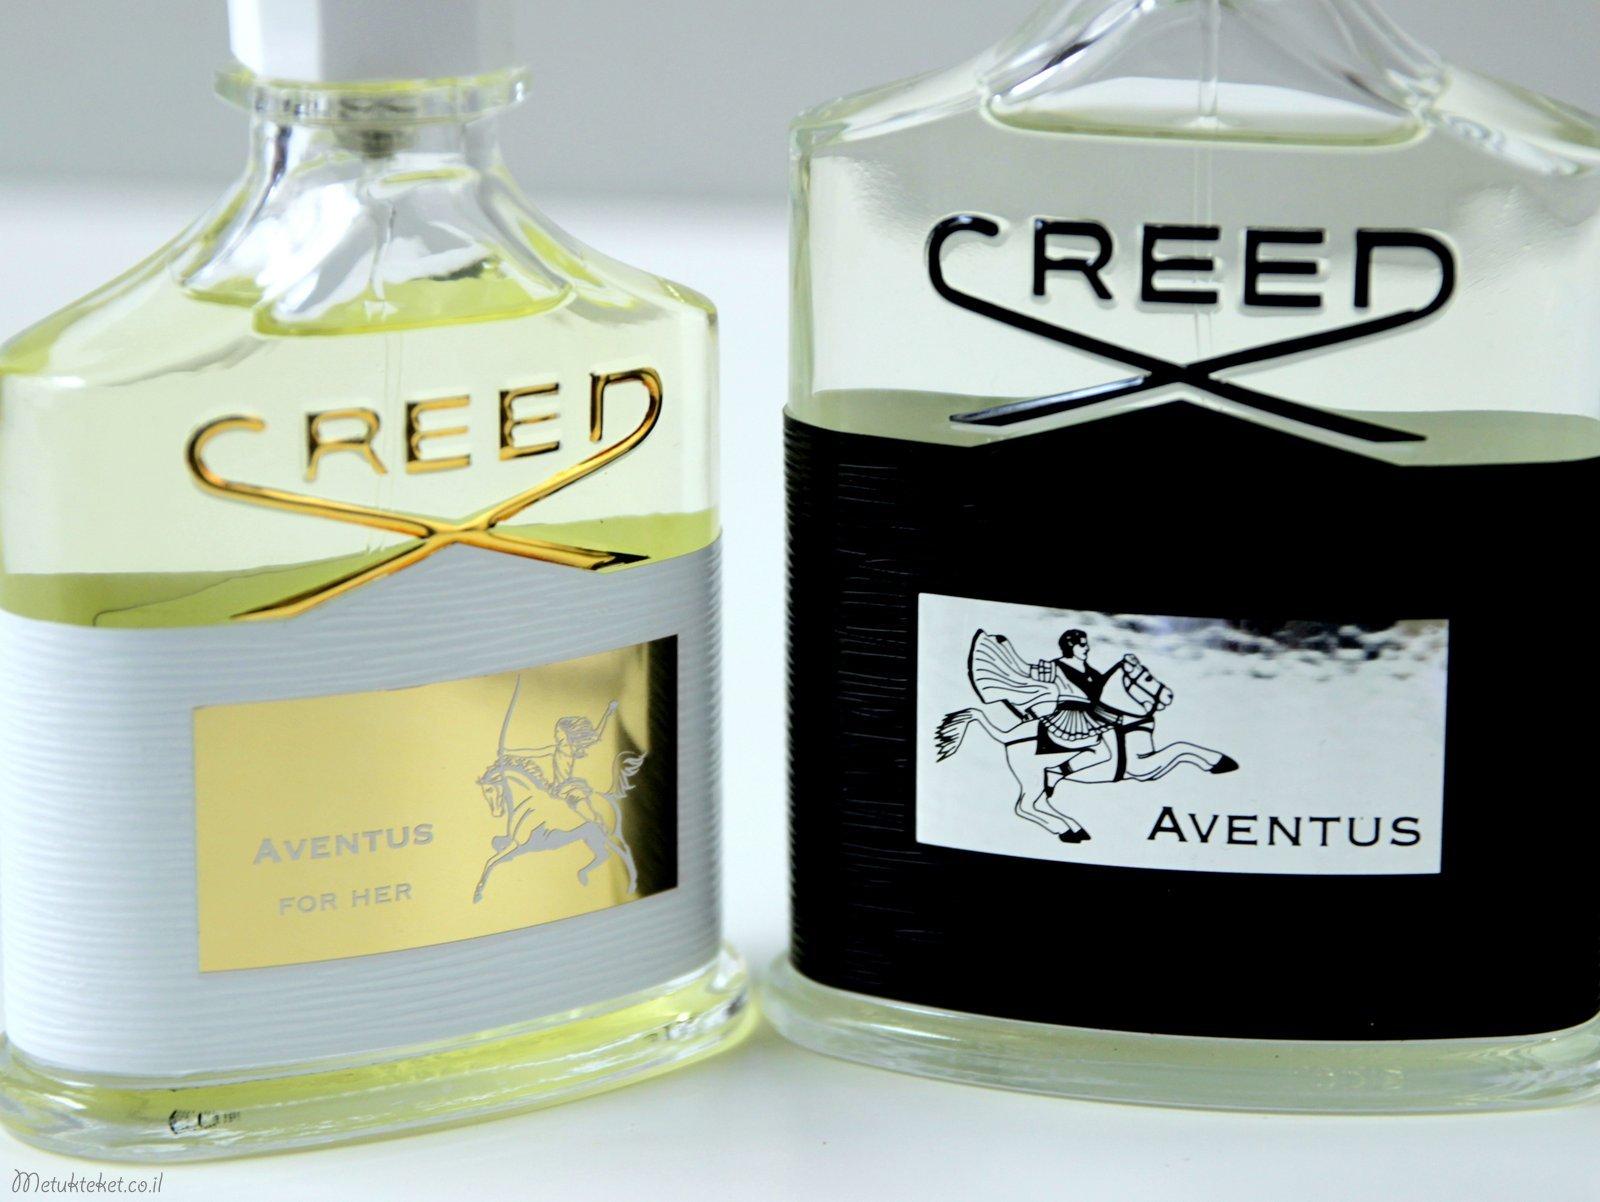 בושם קריד, קריד אוונטוס, קריד, ביקורת, מתוקתקת, בשמים, Creed Aventus